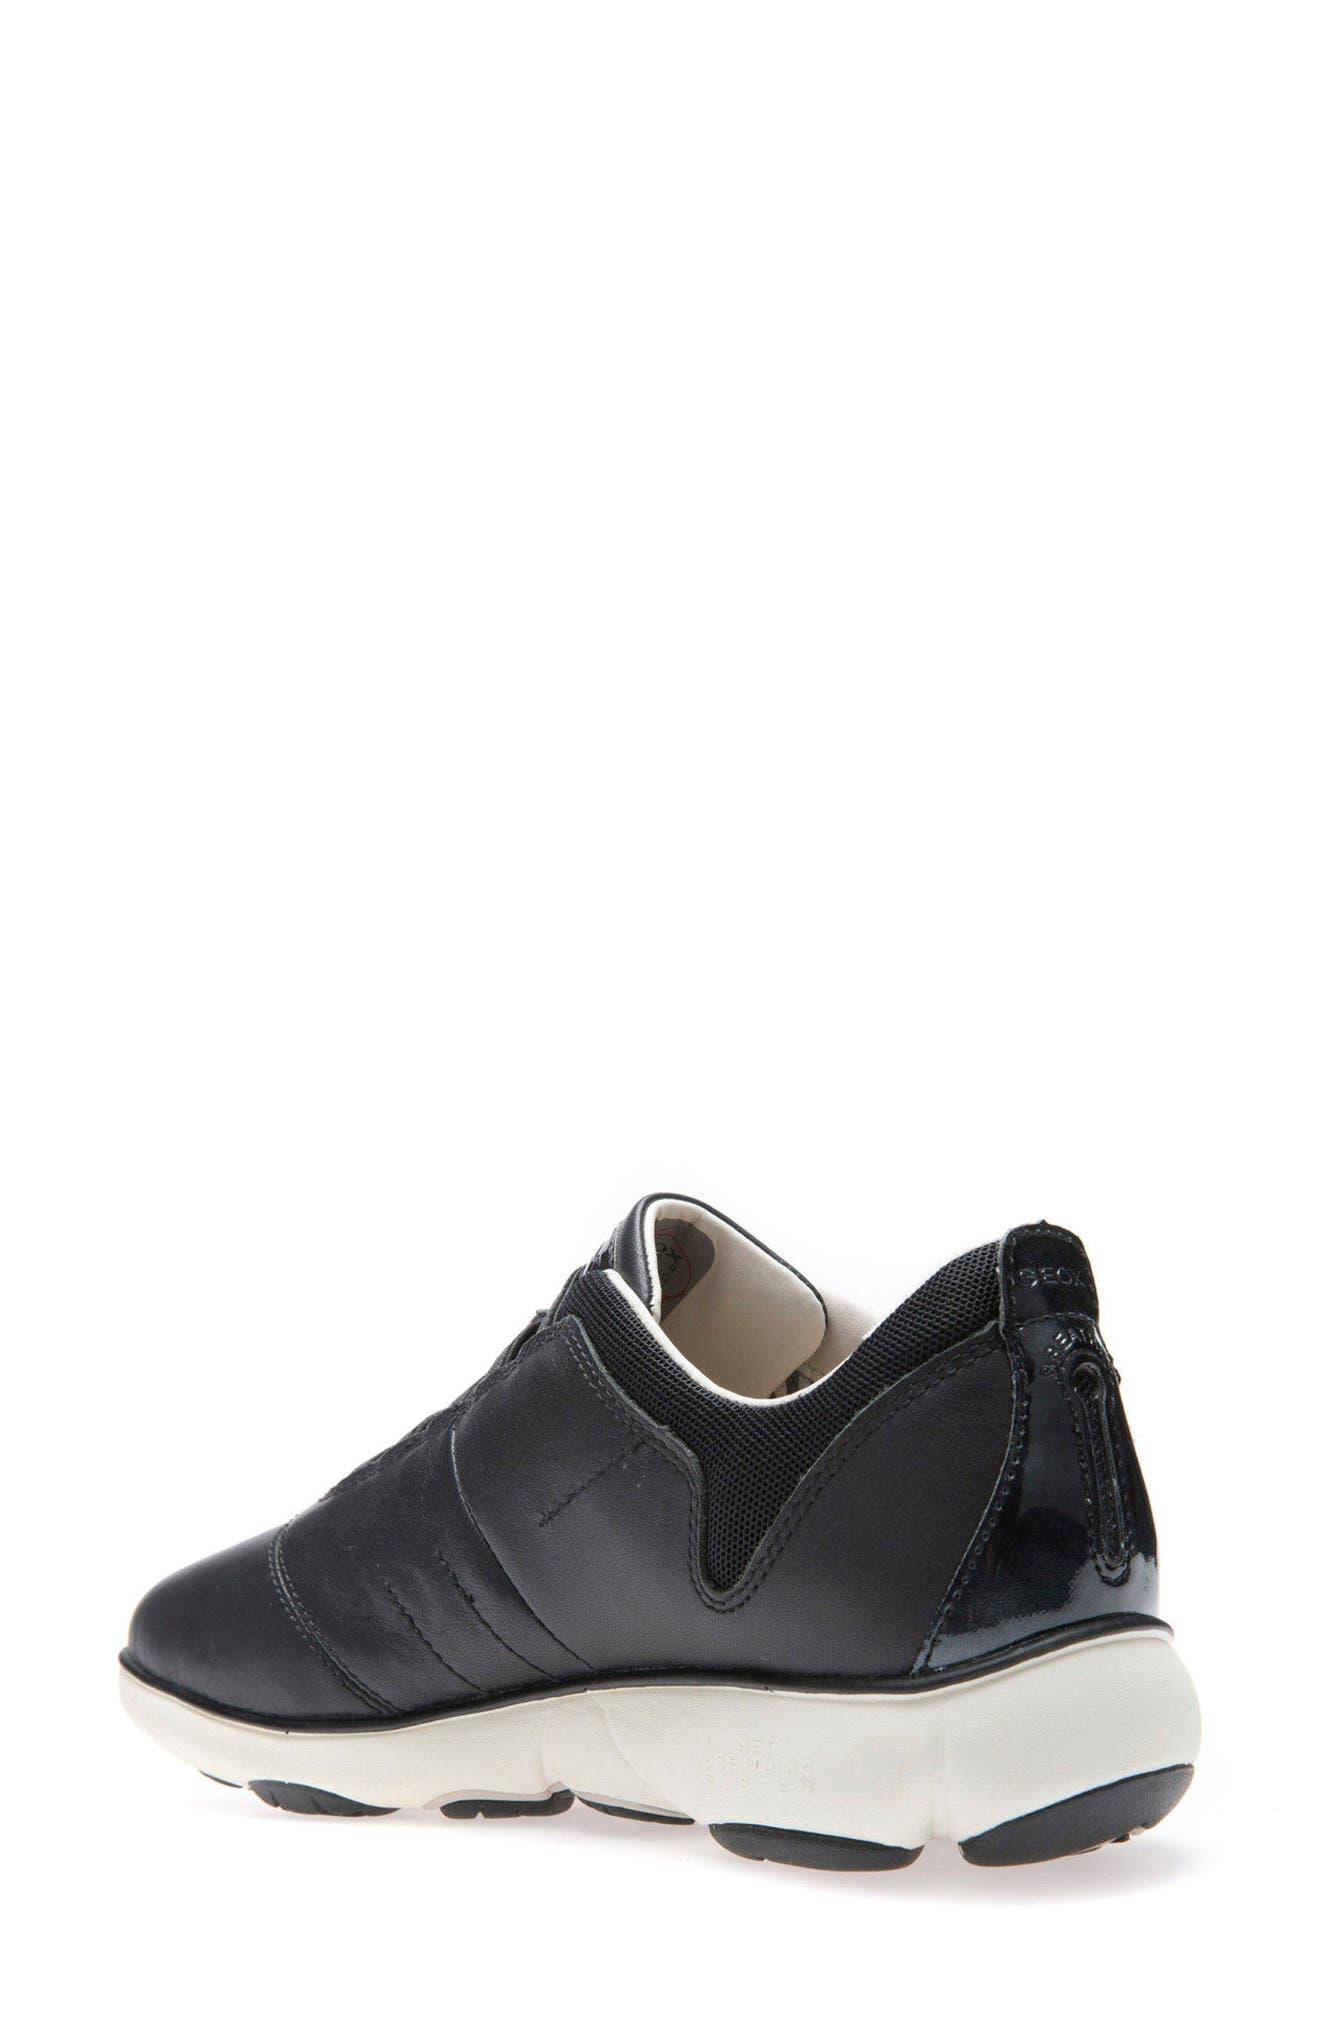 Nebula Slip-On Sneaker,                             Alternate thumbnail 20, color,